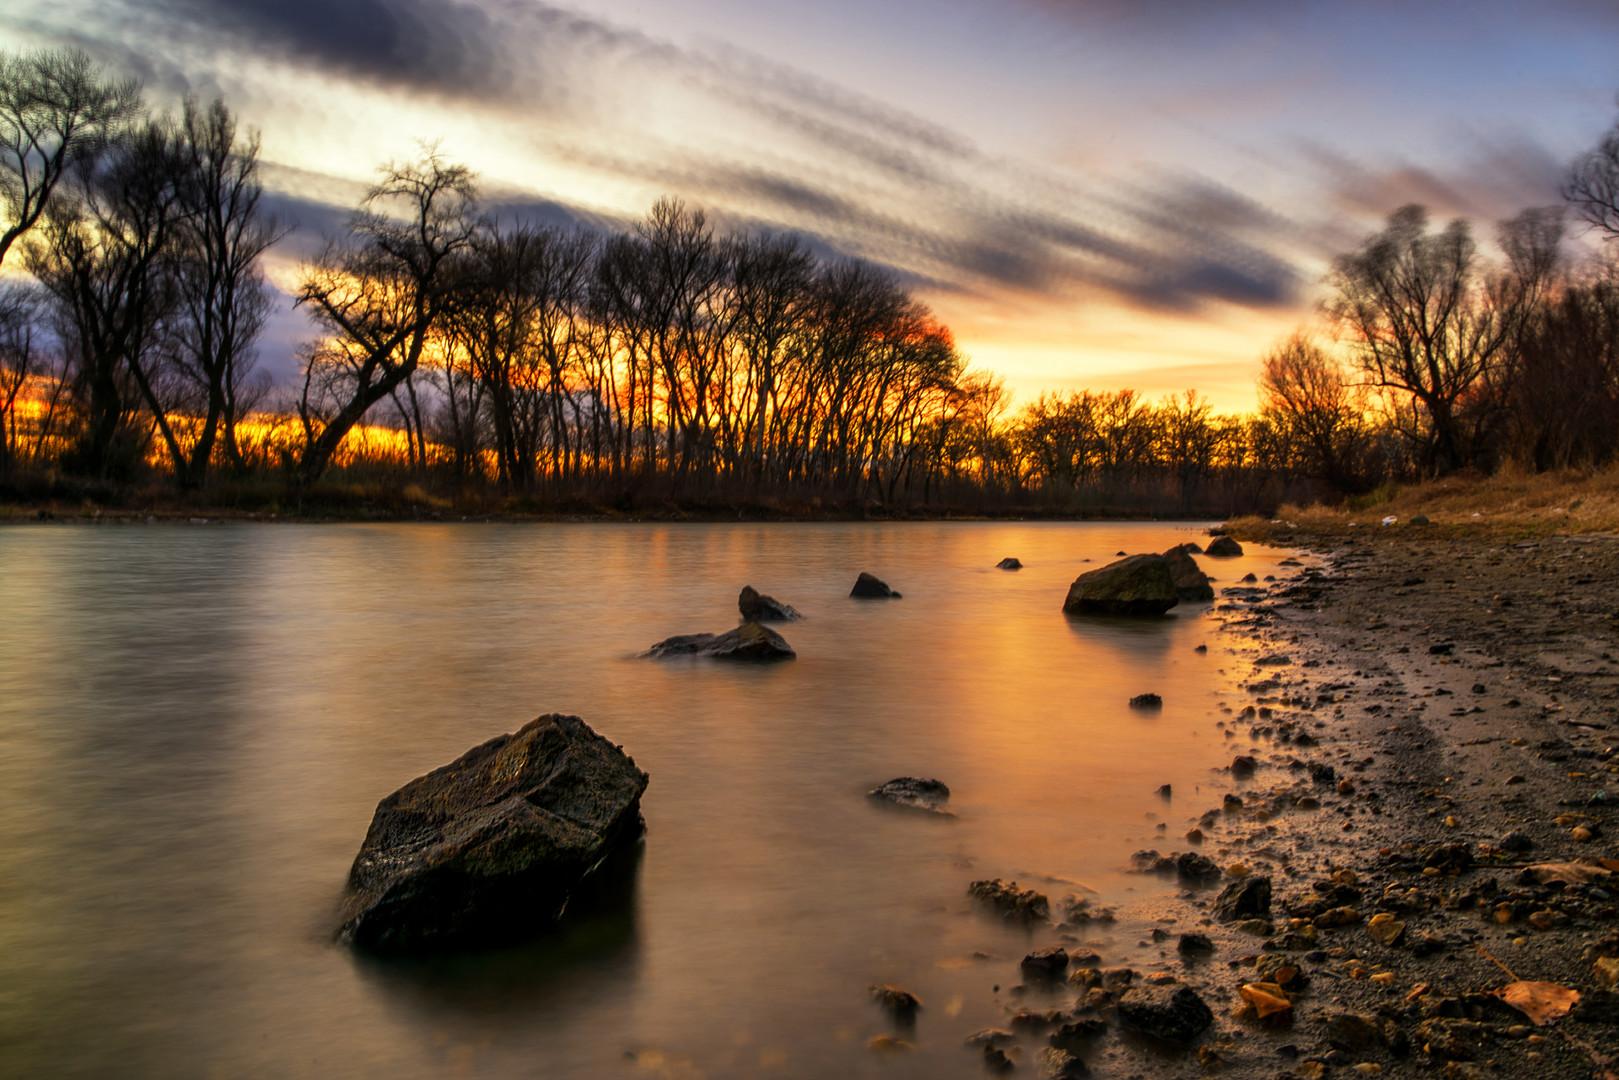 Zalazak na reci u decembru